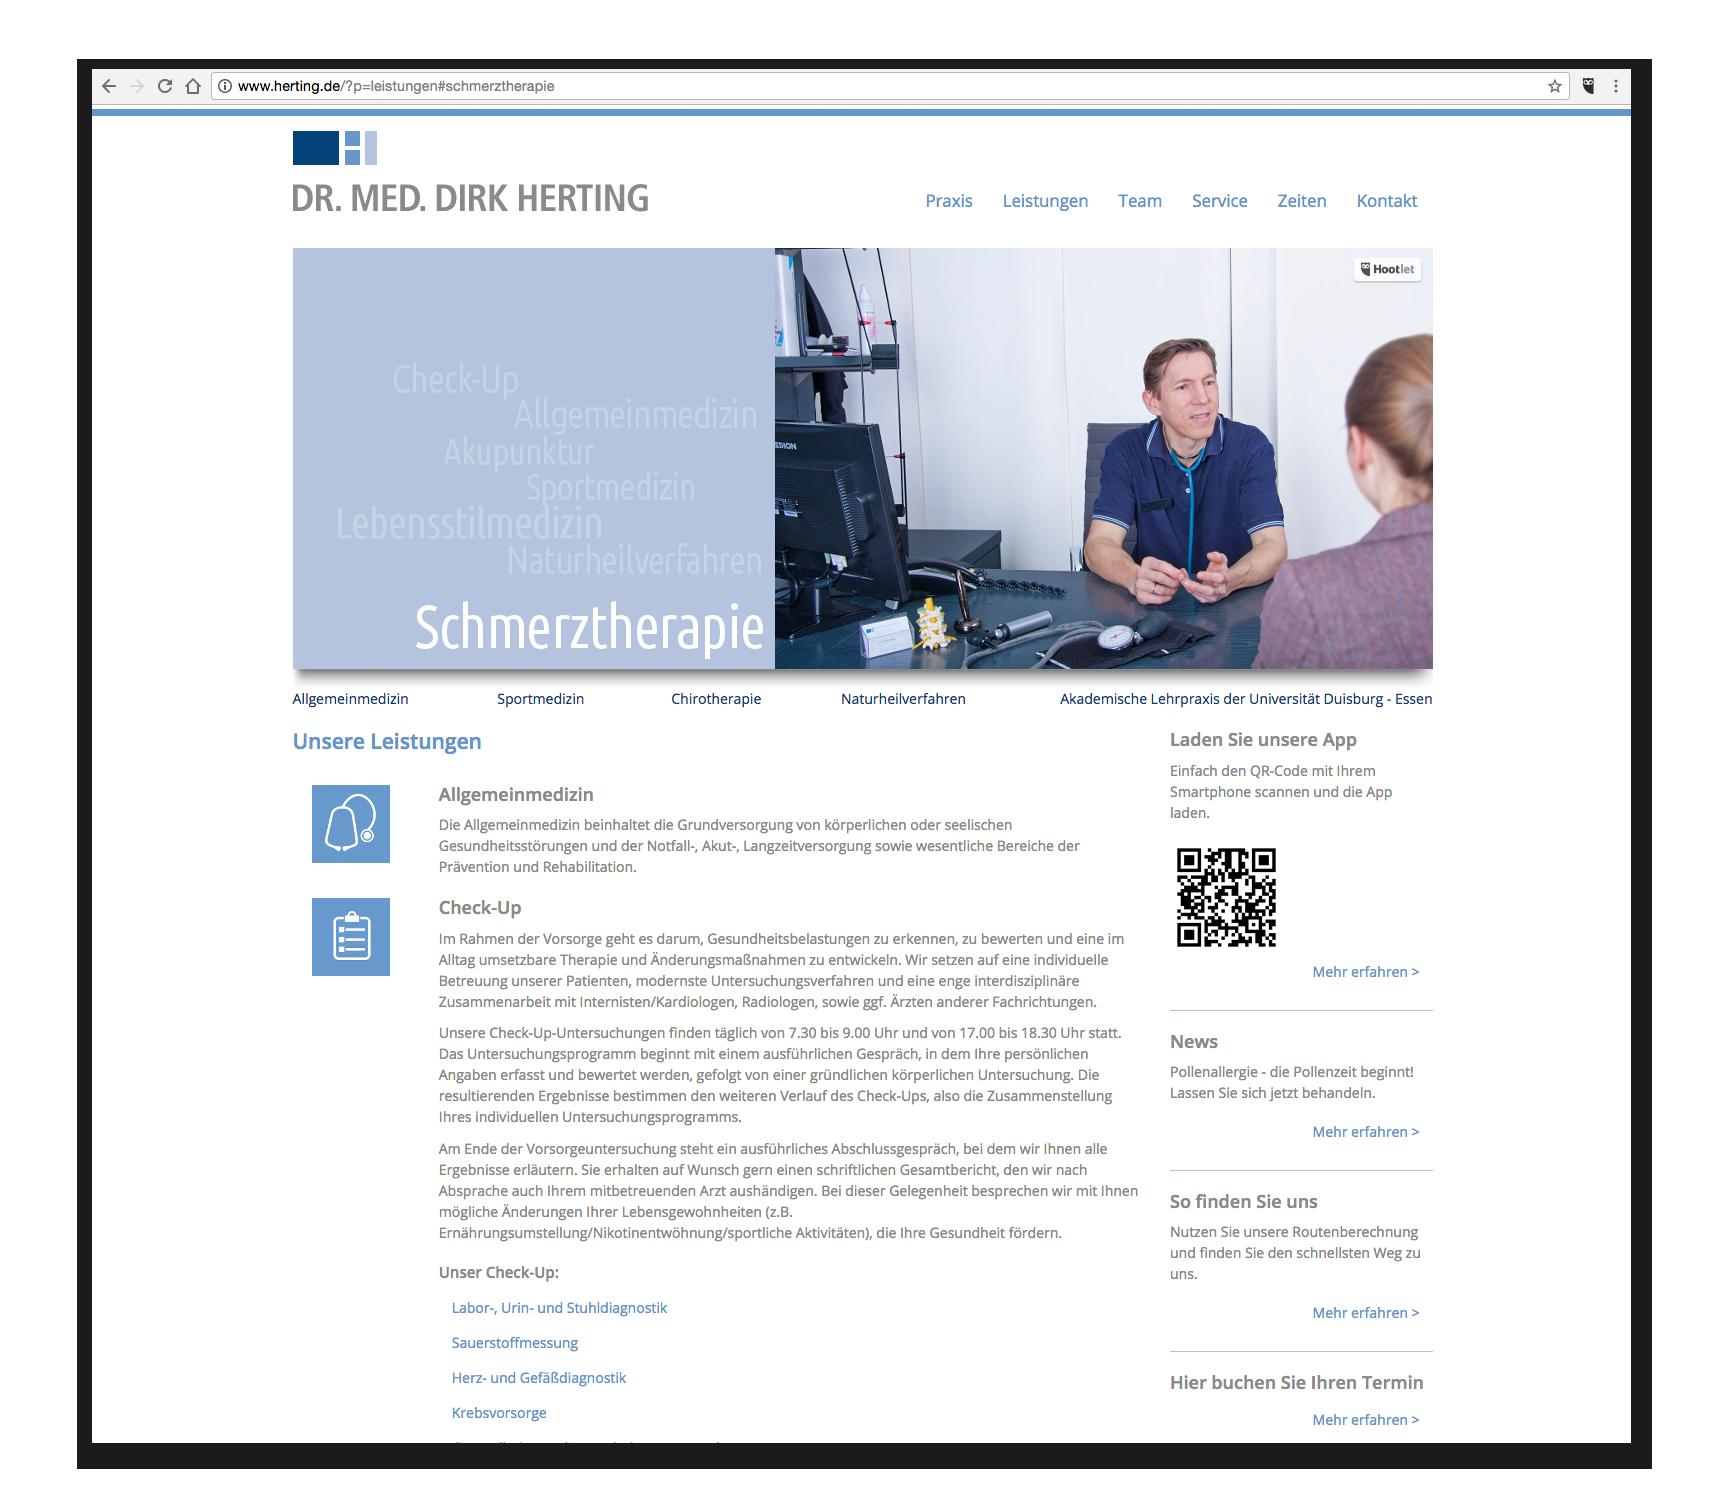 Praxis-Webseite - Leistungen